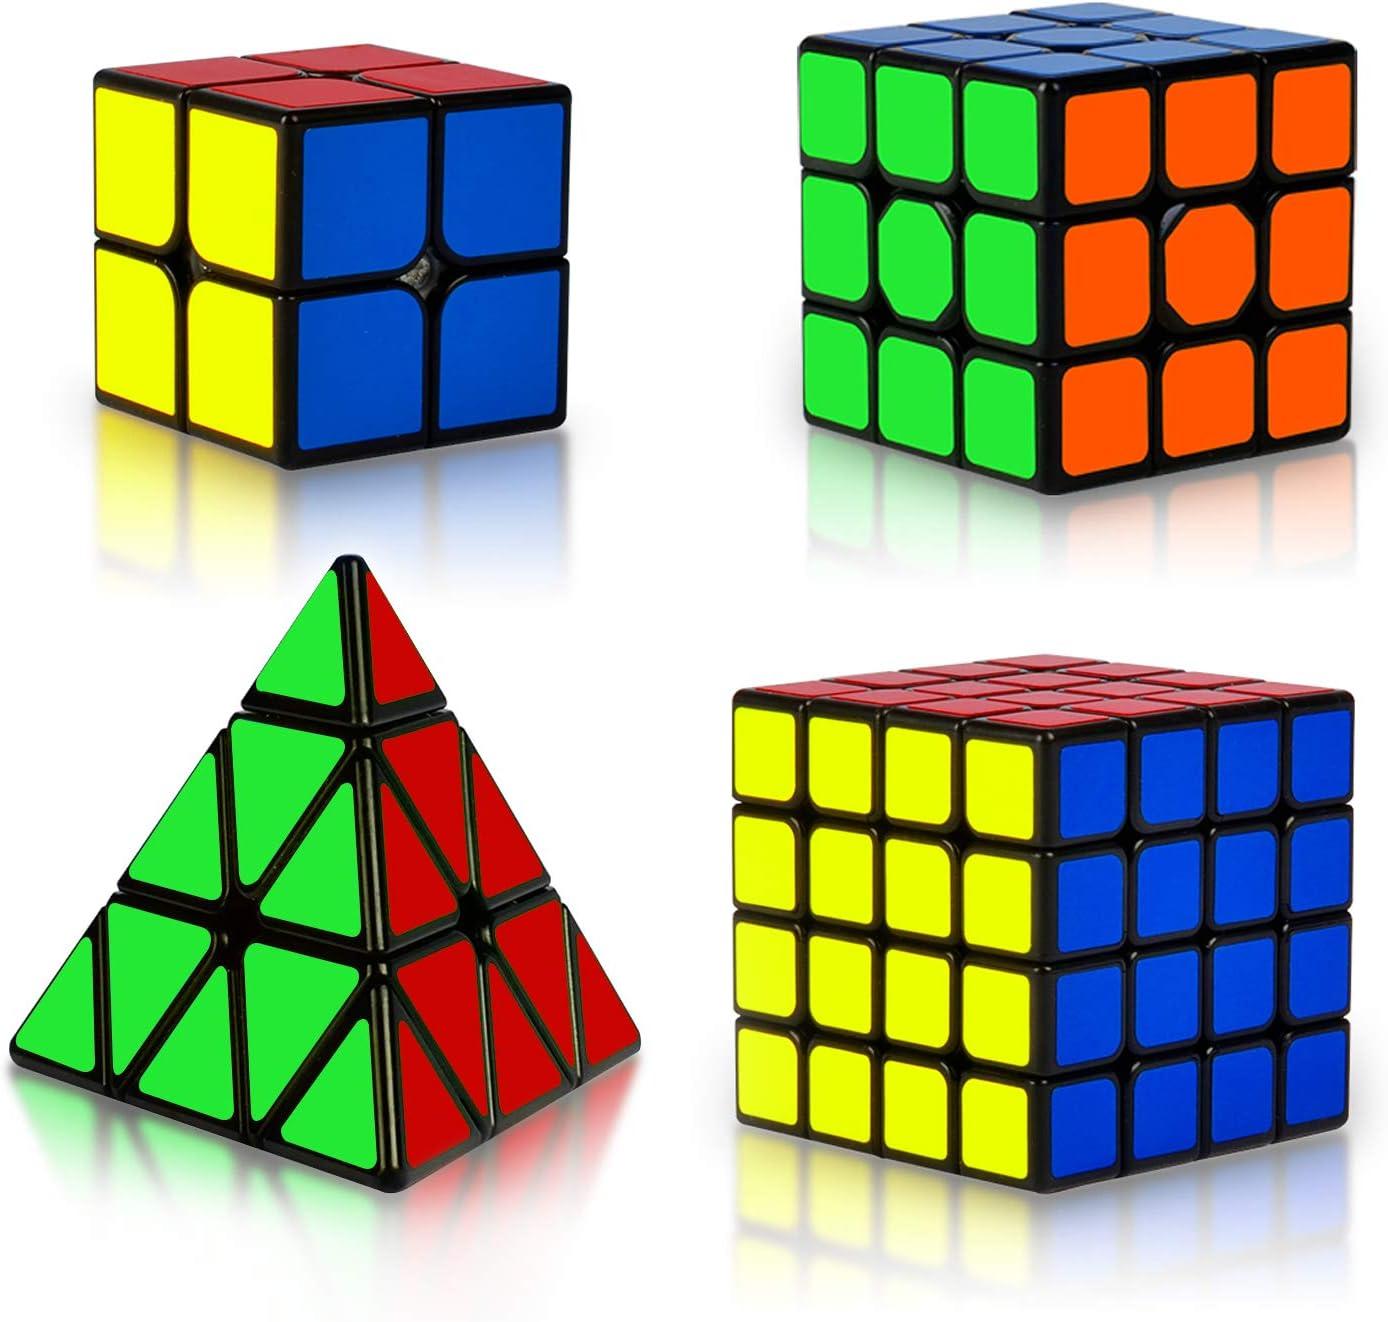 EasyGame Puzzle de cube magique 3X3 Cube magique 3x3 Pyraminx Cube noir cube Megaminx Cube de vitesse: 2x2 Cube magique Cube de miroir argent/é